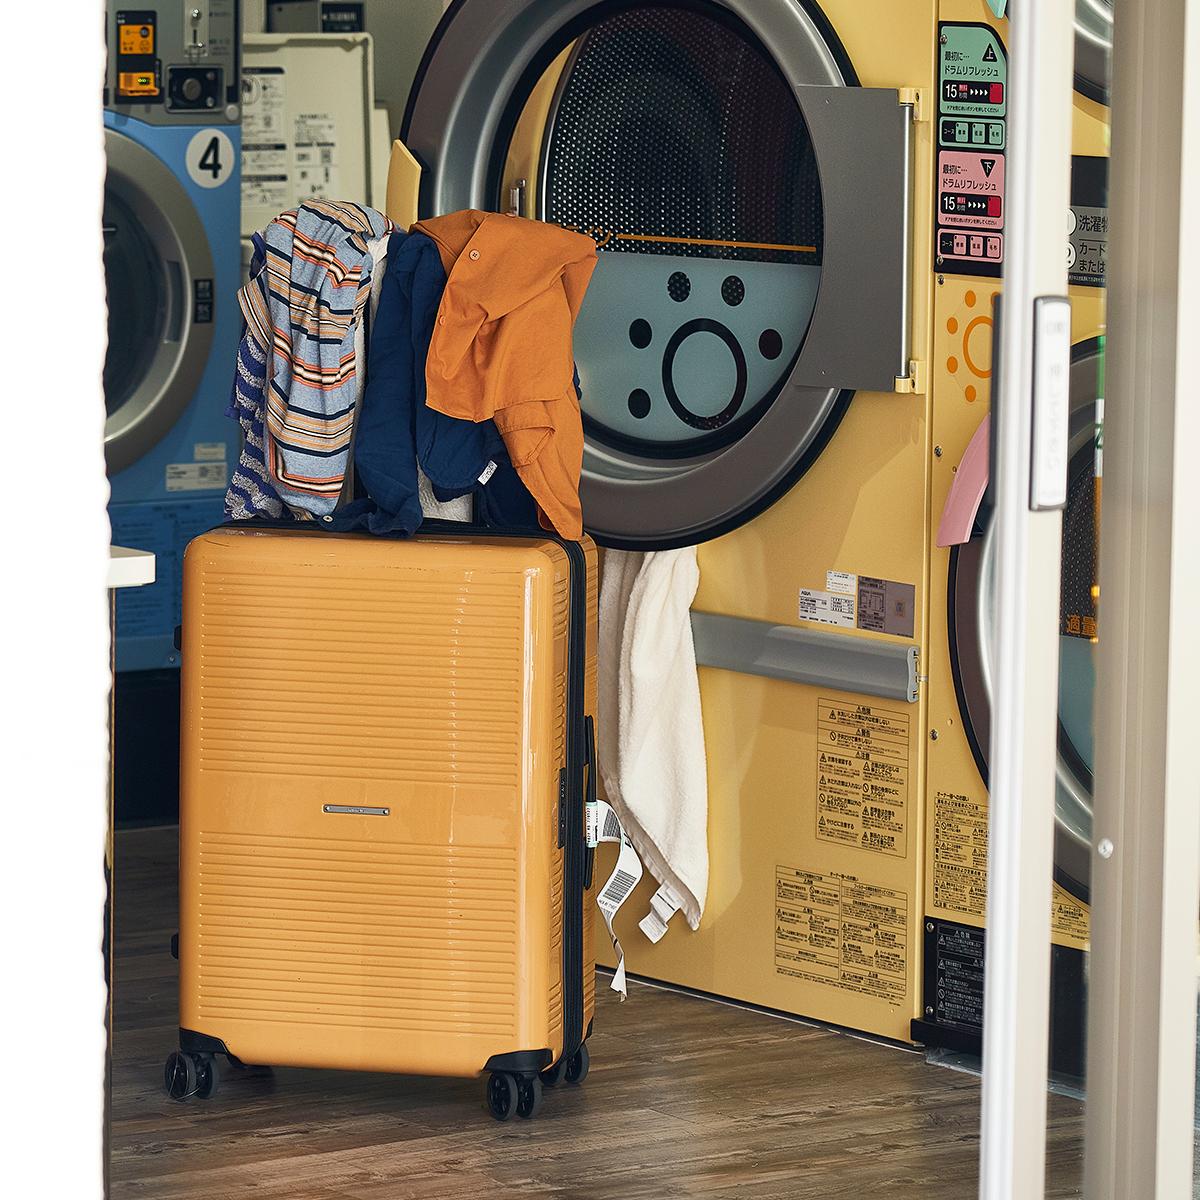 荷物を掛けられる「TTハンドル」だから荷物を置く場所がなくても安心。大小ふたつのサイズを「入れ子収納」できる、機内持ち込み用(37L)&長期旅行用(72L)スーツケースセット| RAWROW | R TRUNK LITE